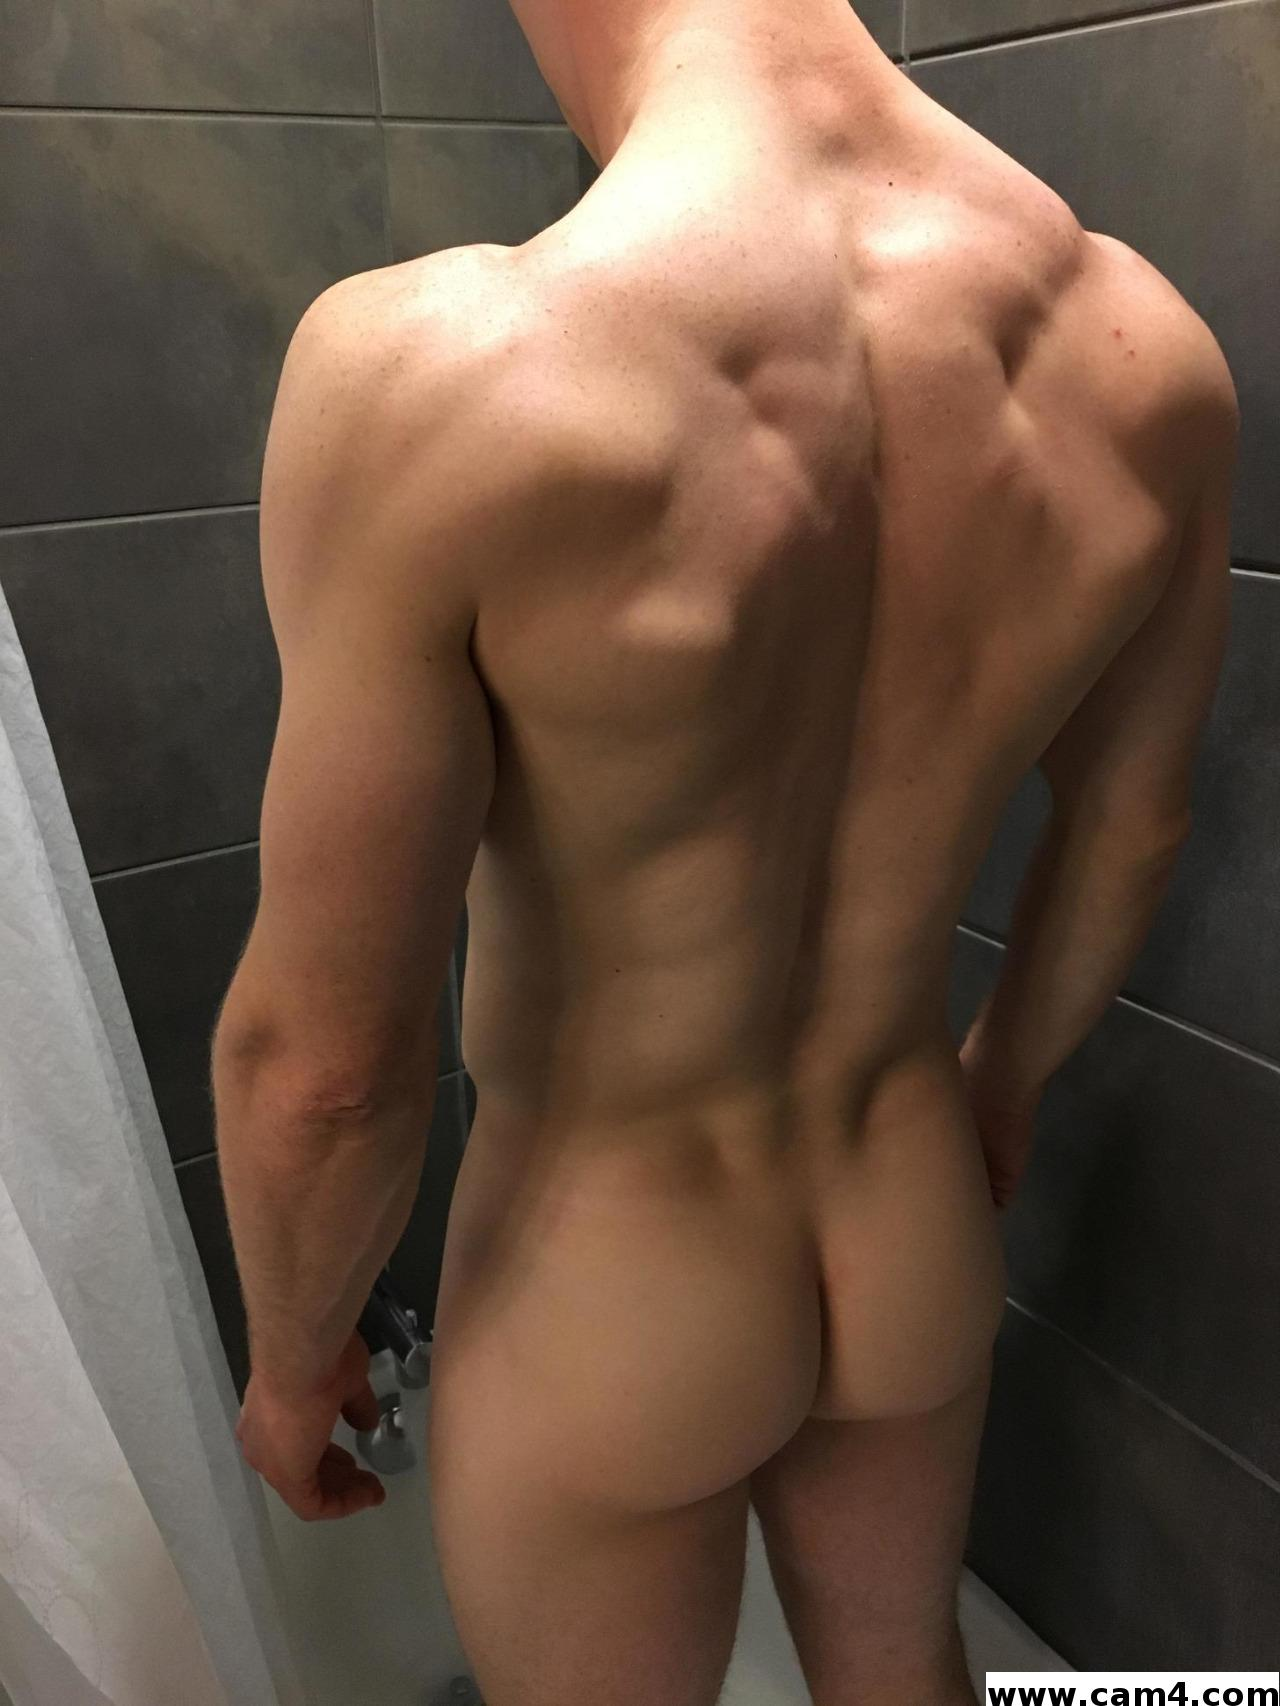 Big Ass Butt Men Gay